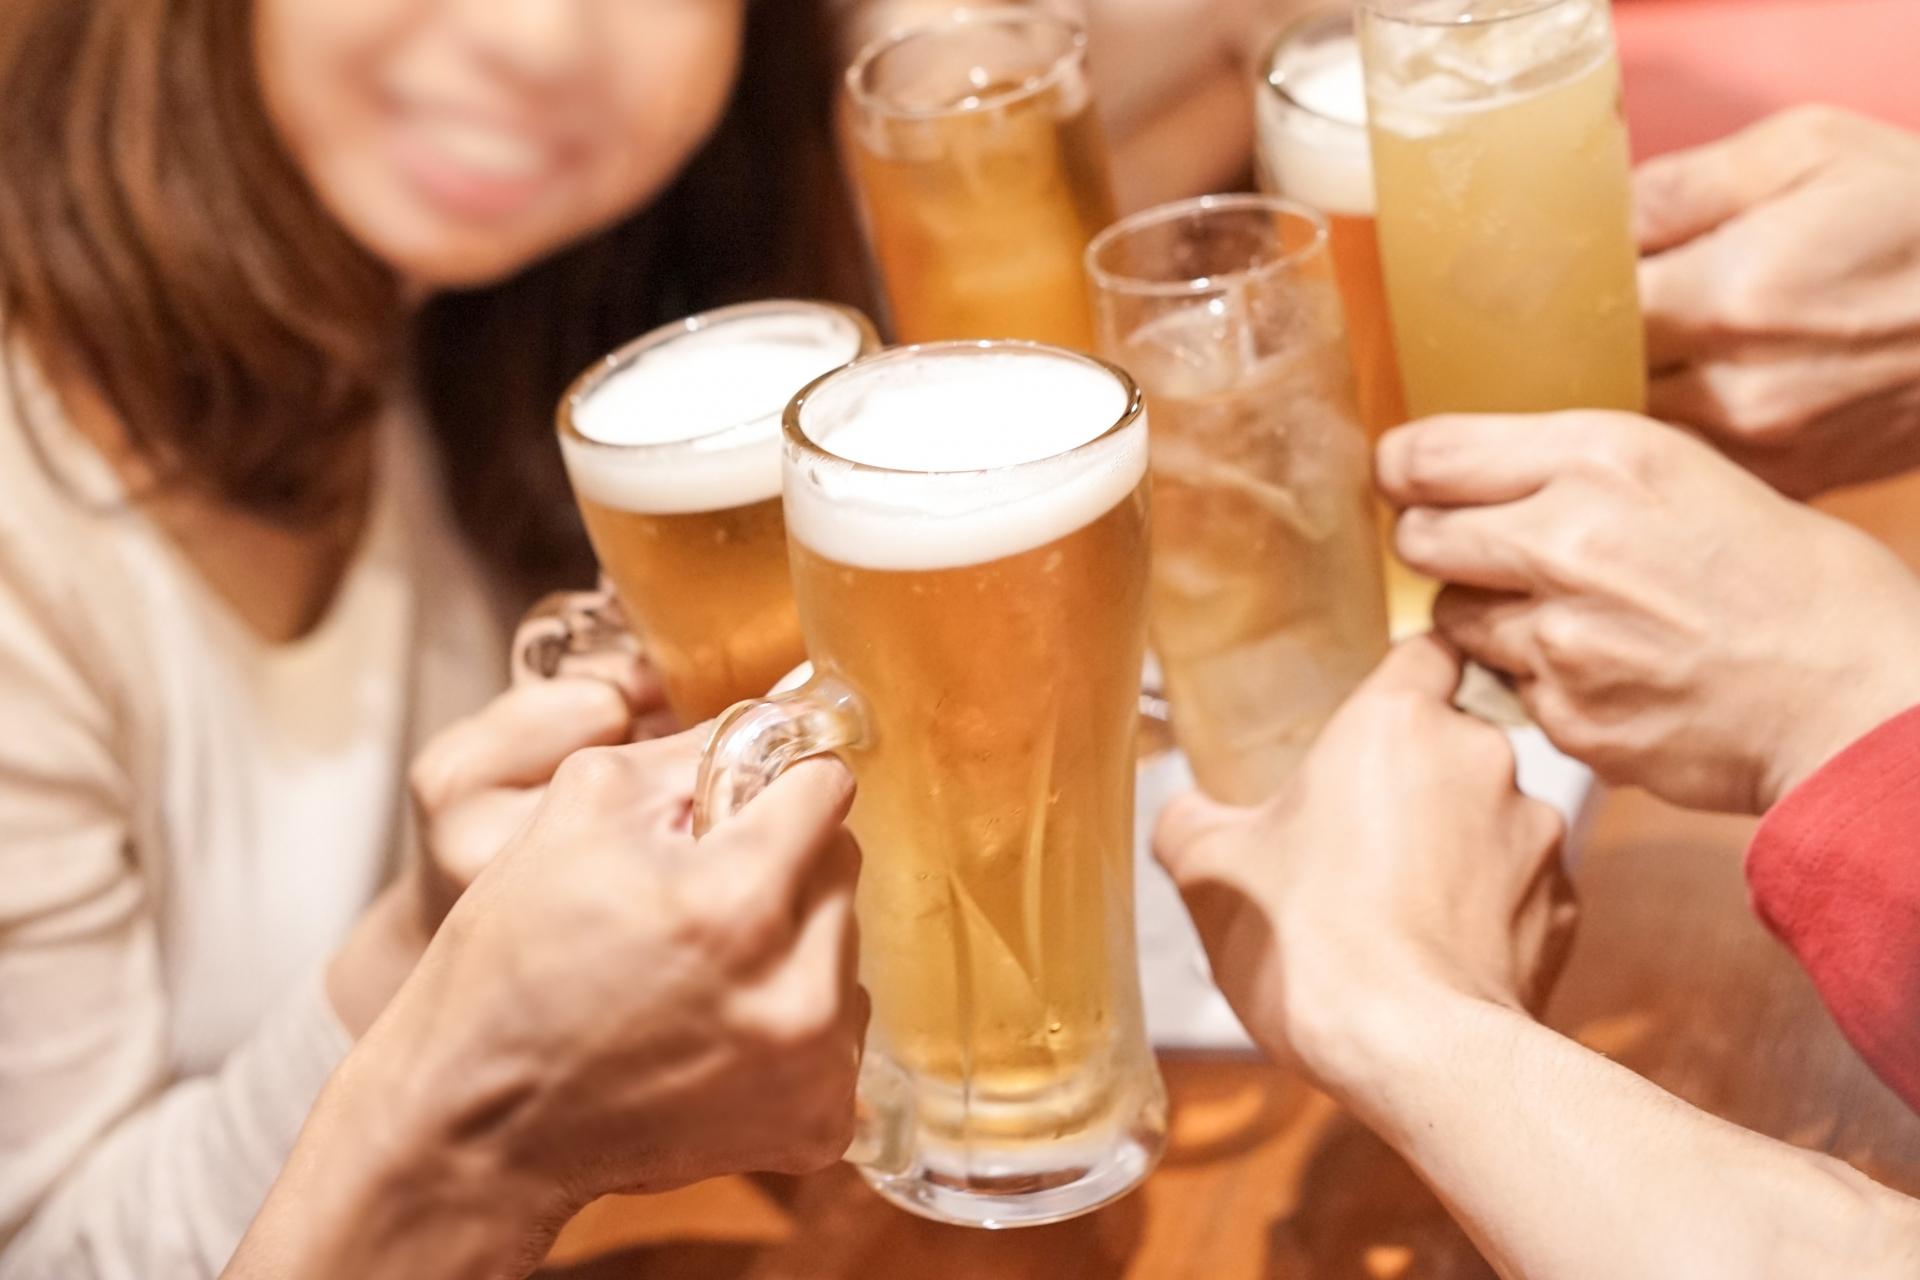 東京駅で昼飲みを満喫♪安い居酒屋や女子におすすめのおしゃれなお店も!